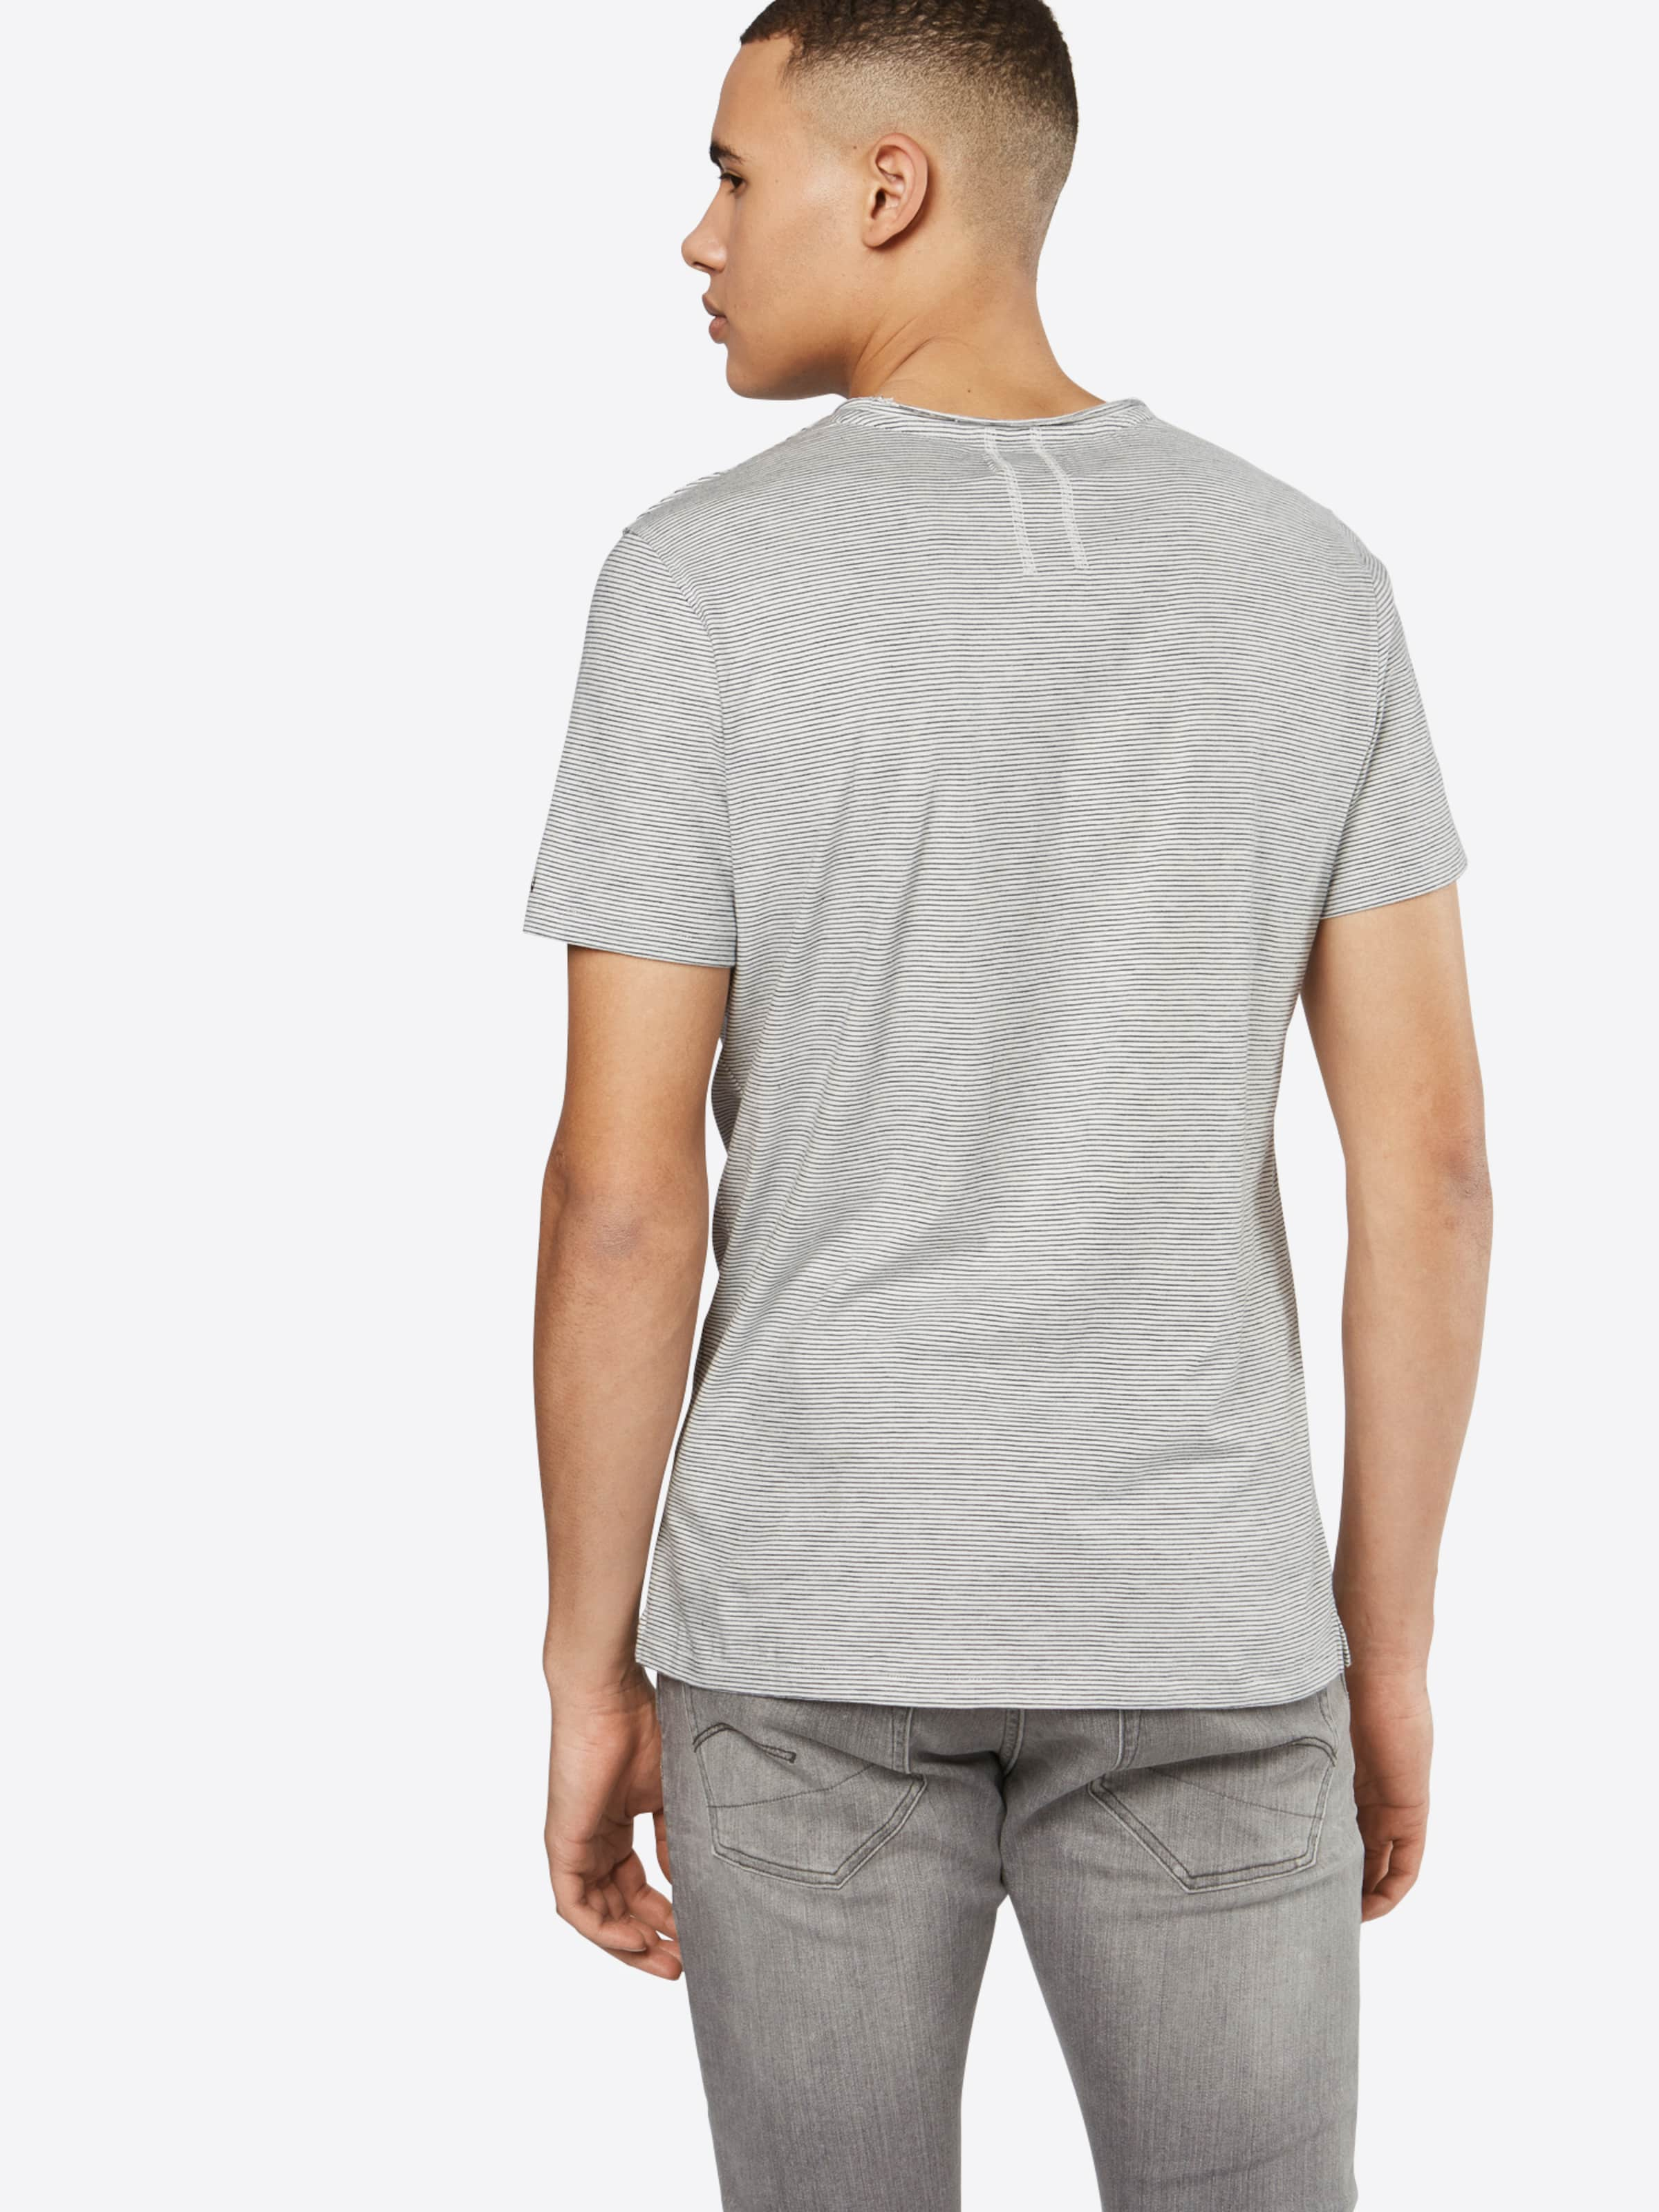 NOWADAYS Gestreiftes T-Shirt 'heather stripe' Freies Verschiffen Niedrig Kosten Großhandel Qualität Billige Mode Drop-Shipping Echt Günstiger Preis UXAvGH9E